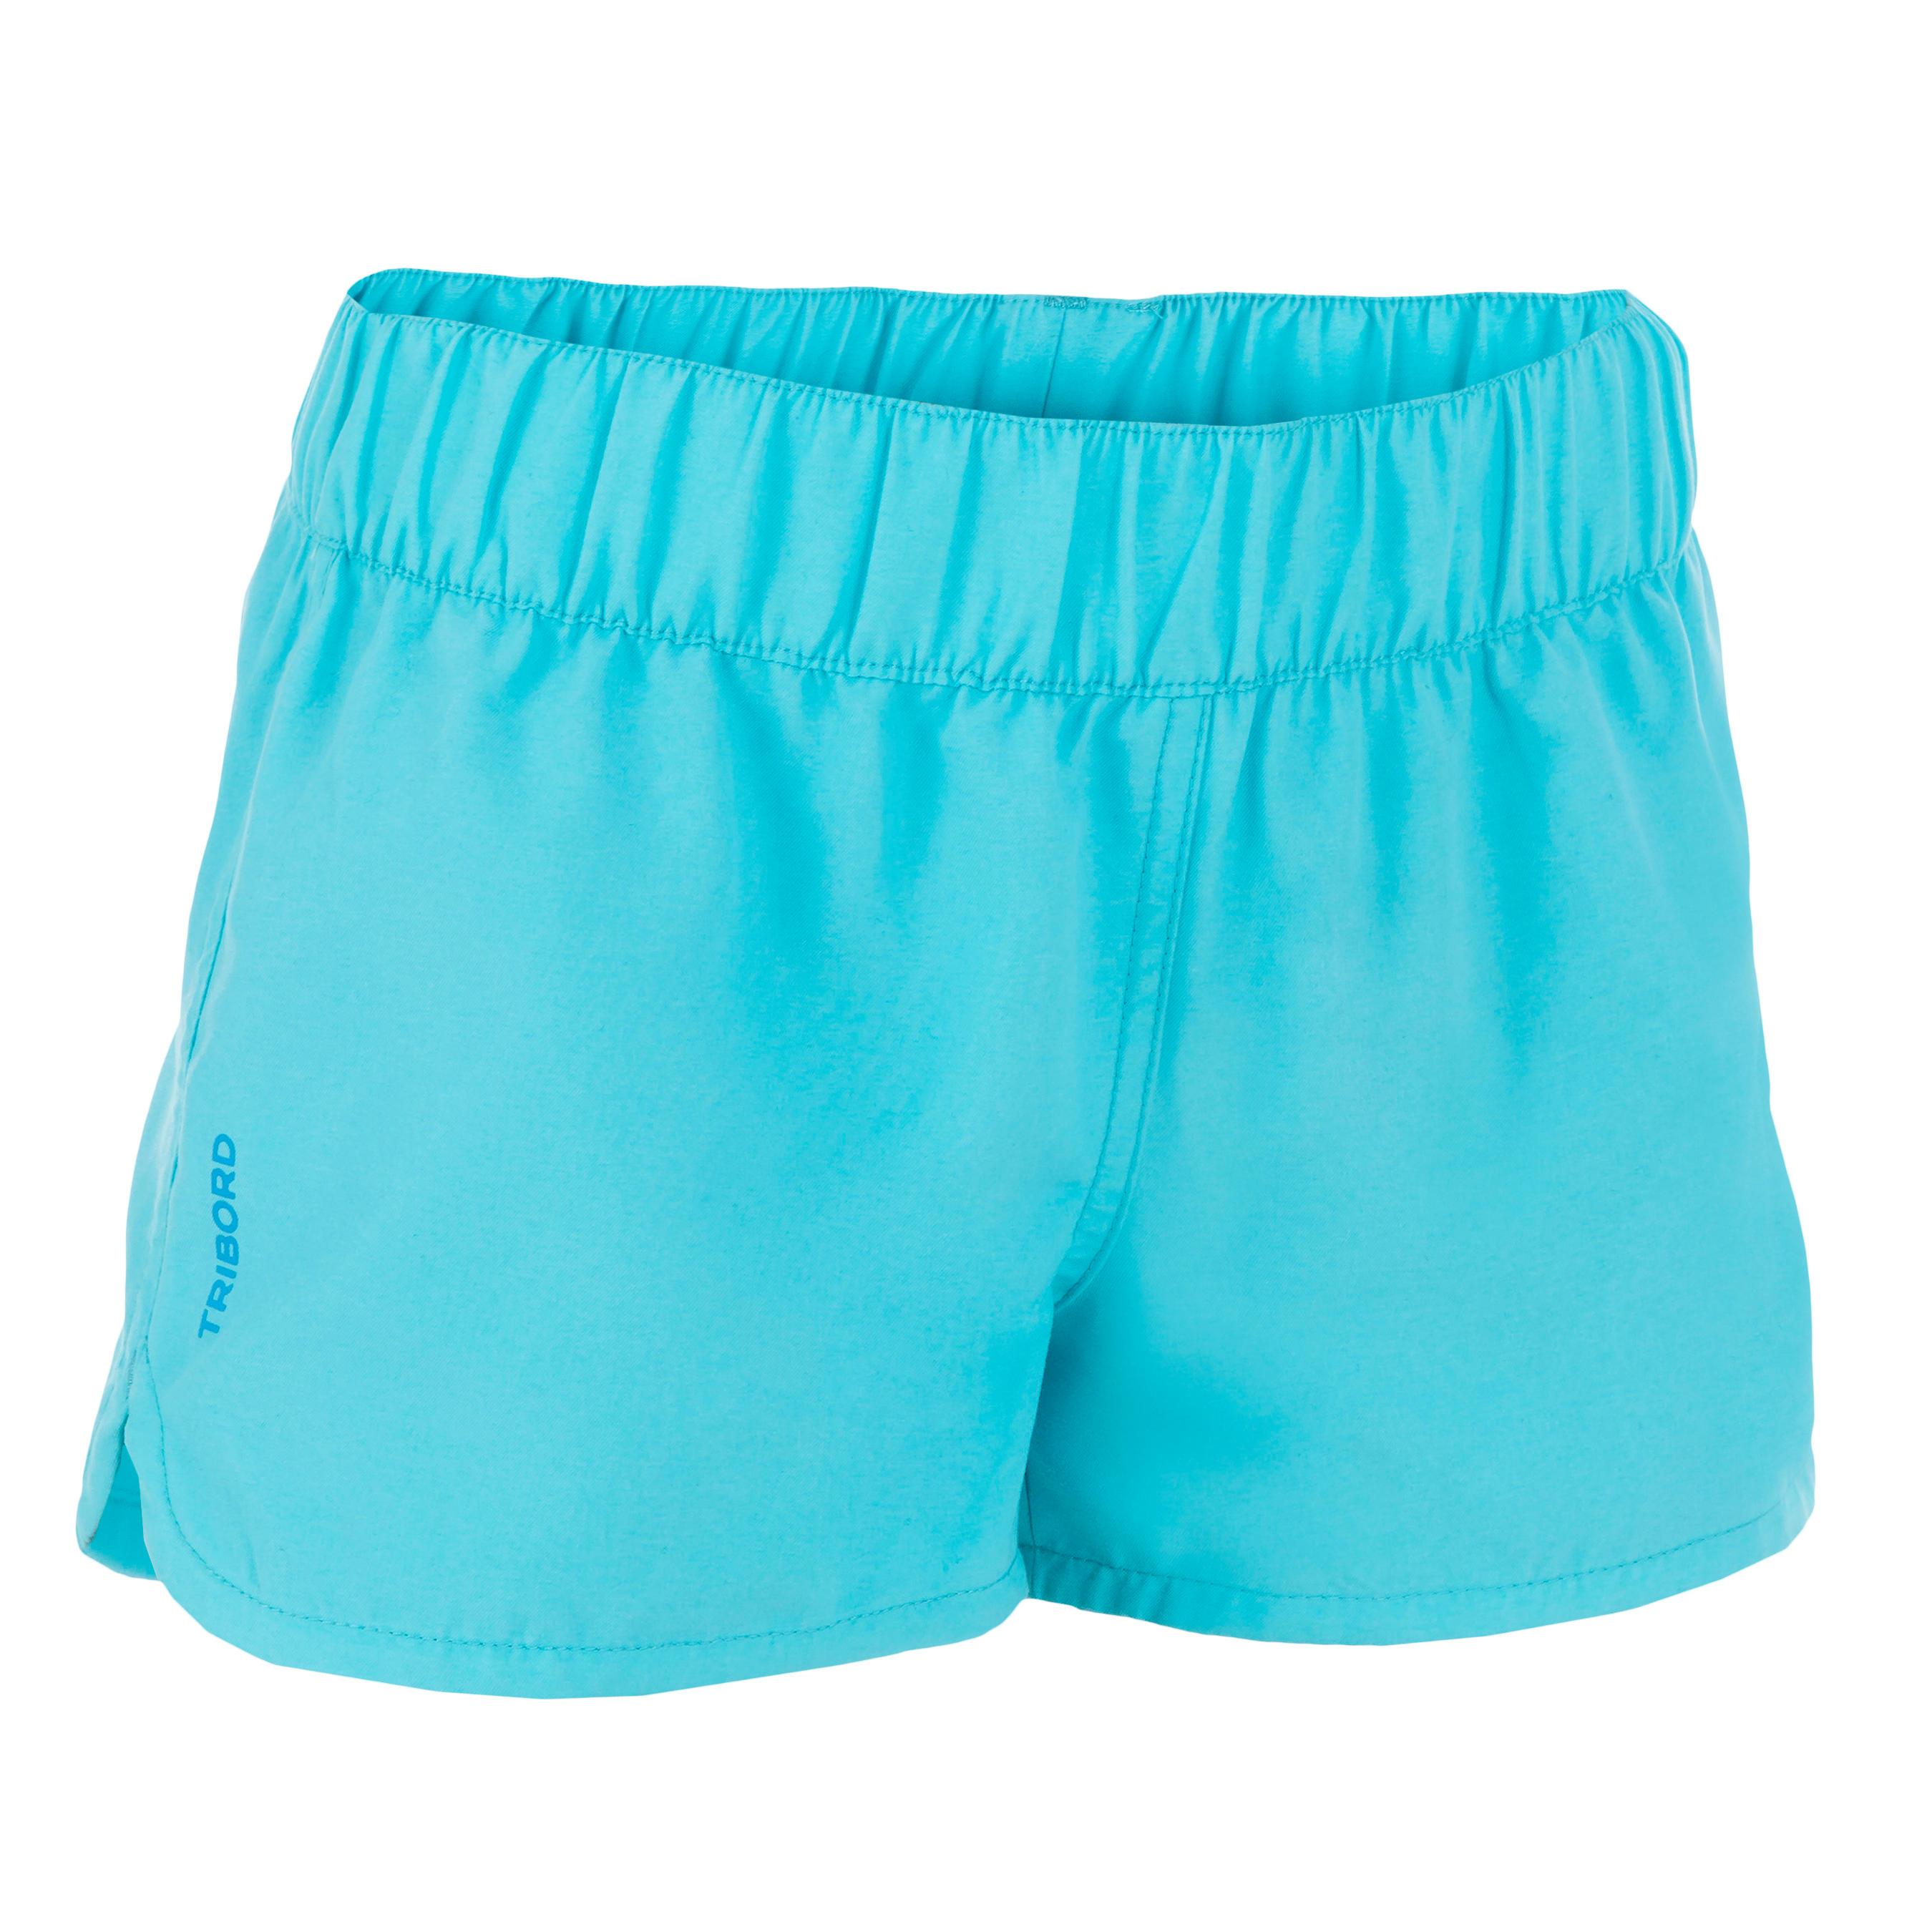 Boardshort niña corto con cintura elástica AZUL